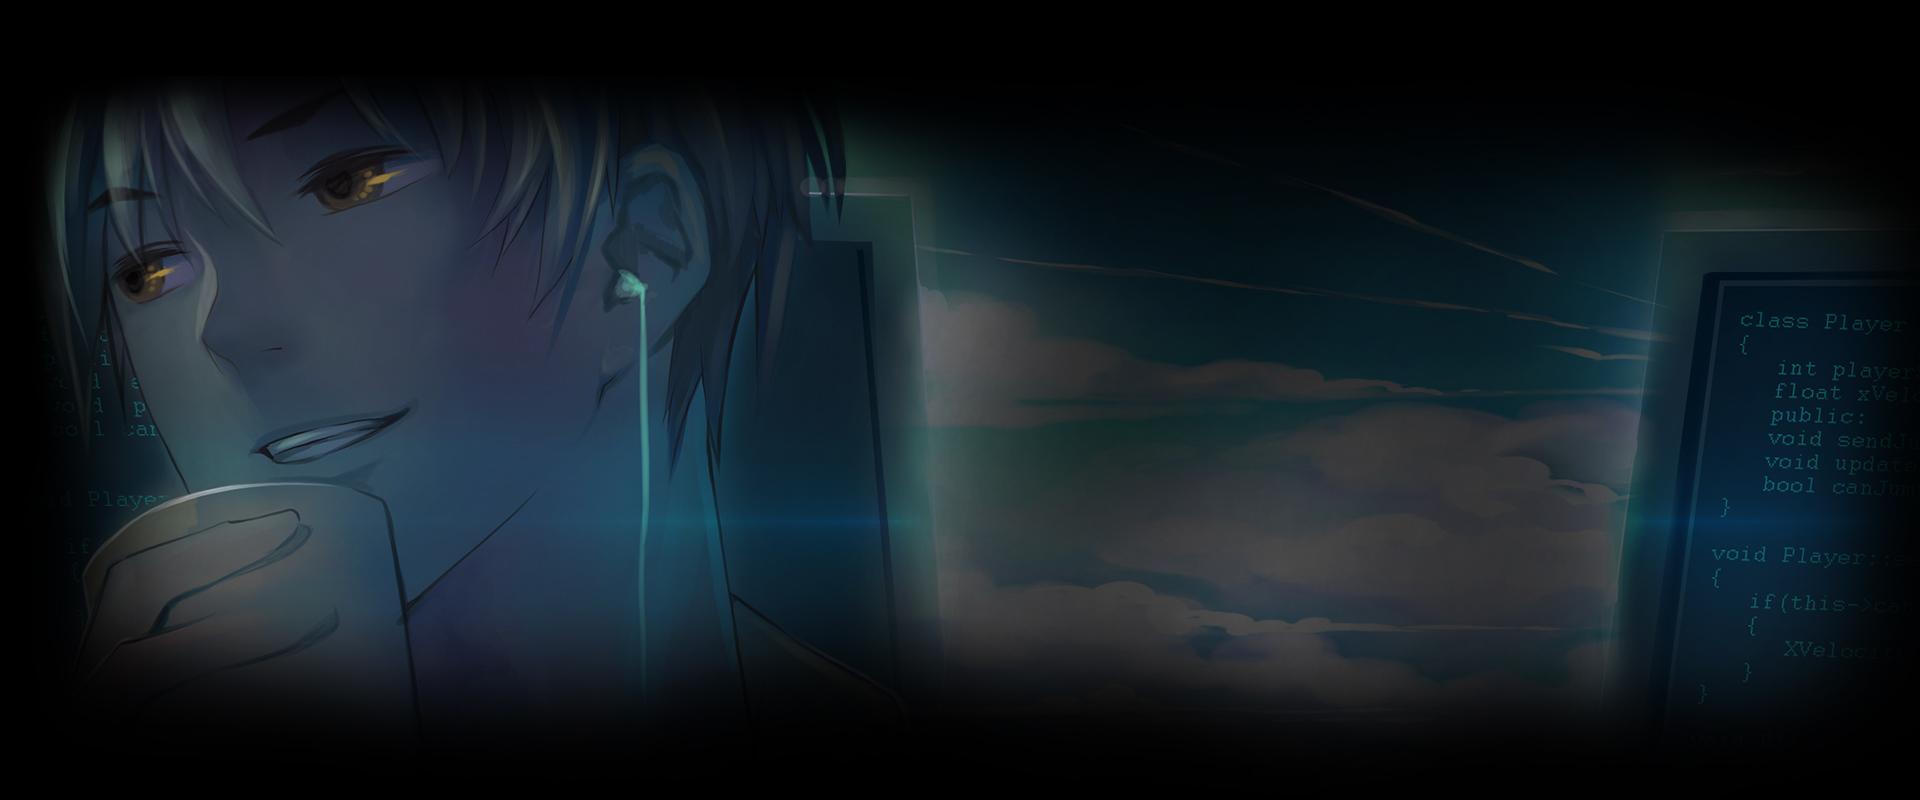 Comunidade Steam Guia Blue Steam Backgrounds